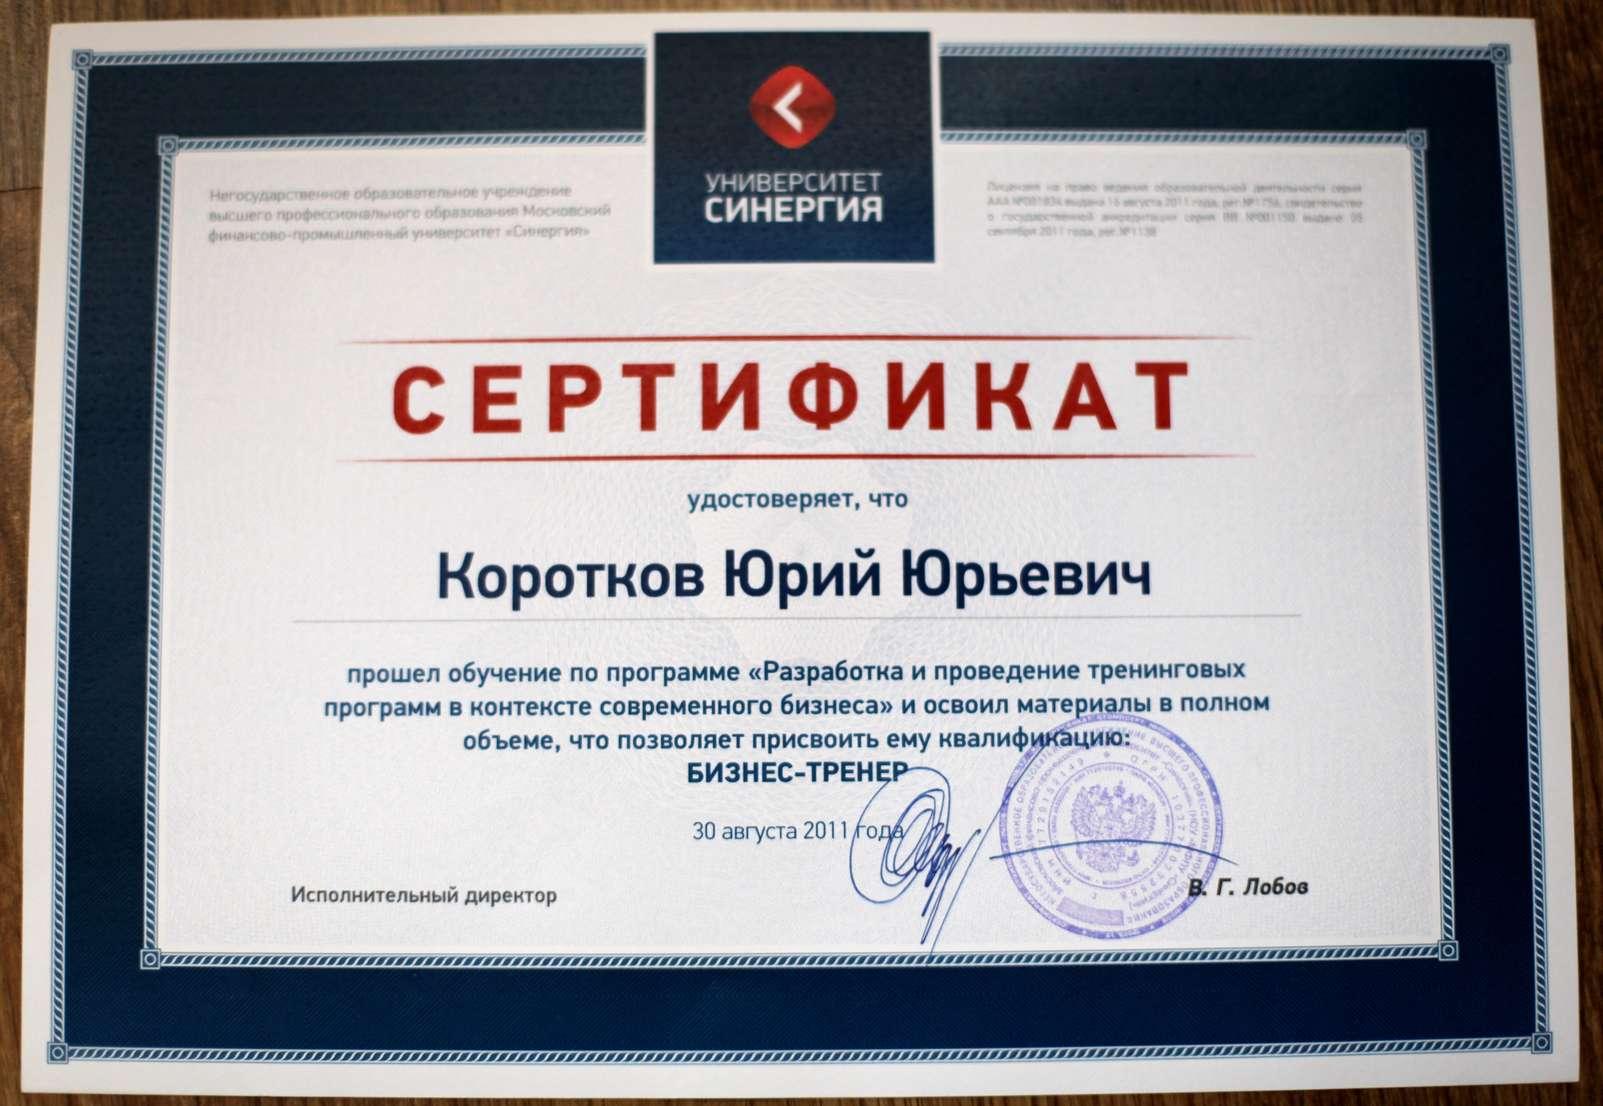 Сертификат Короткова Ю Ю квалификация Бизнес Тренер